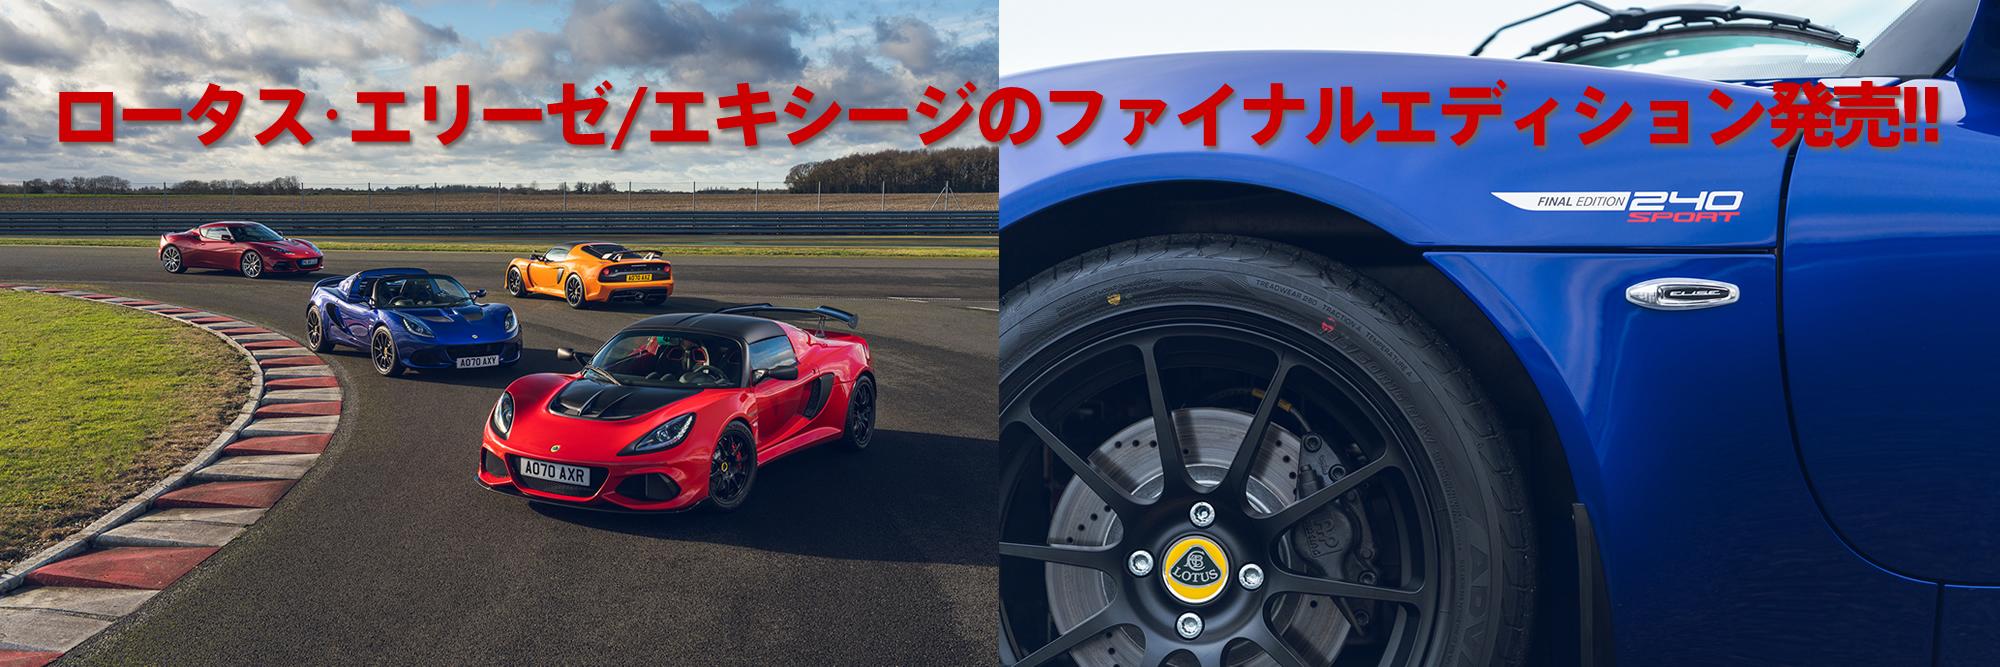 Lotus Elise エキシージのファイナルエディション発売!!